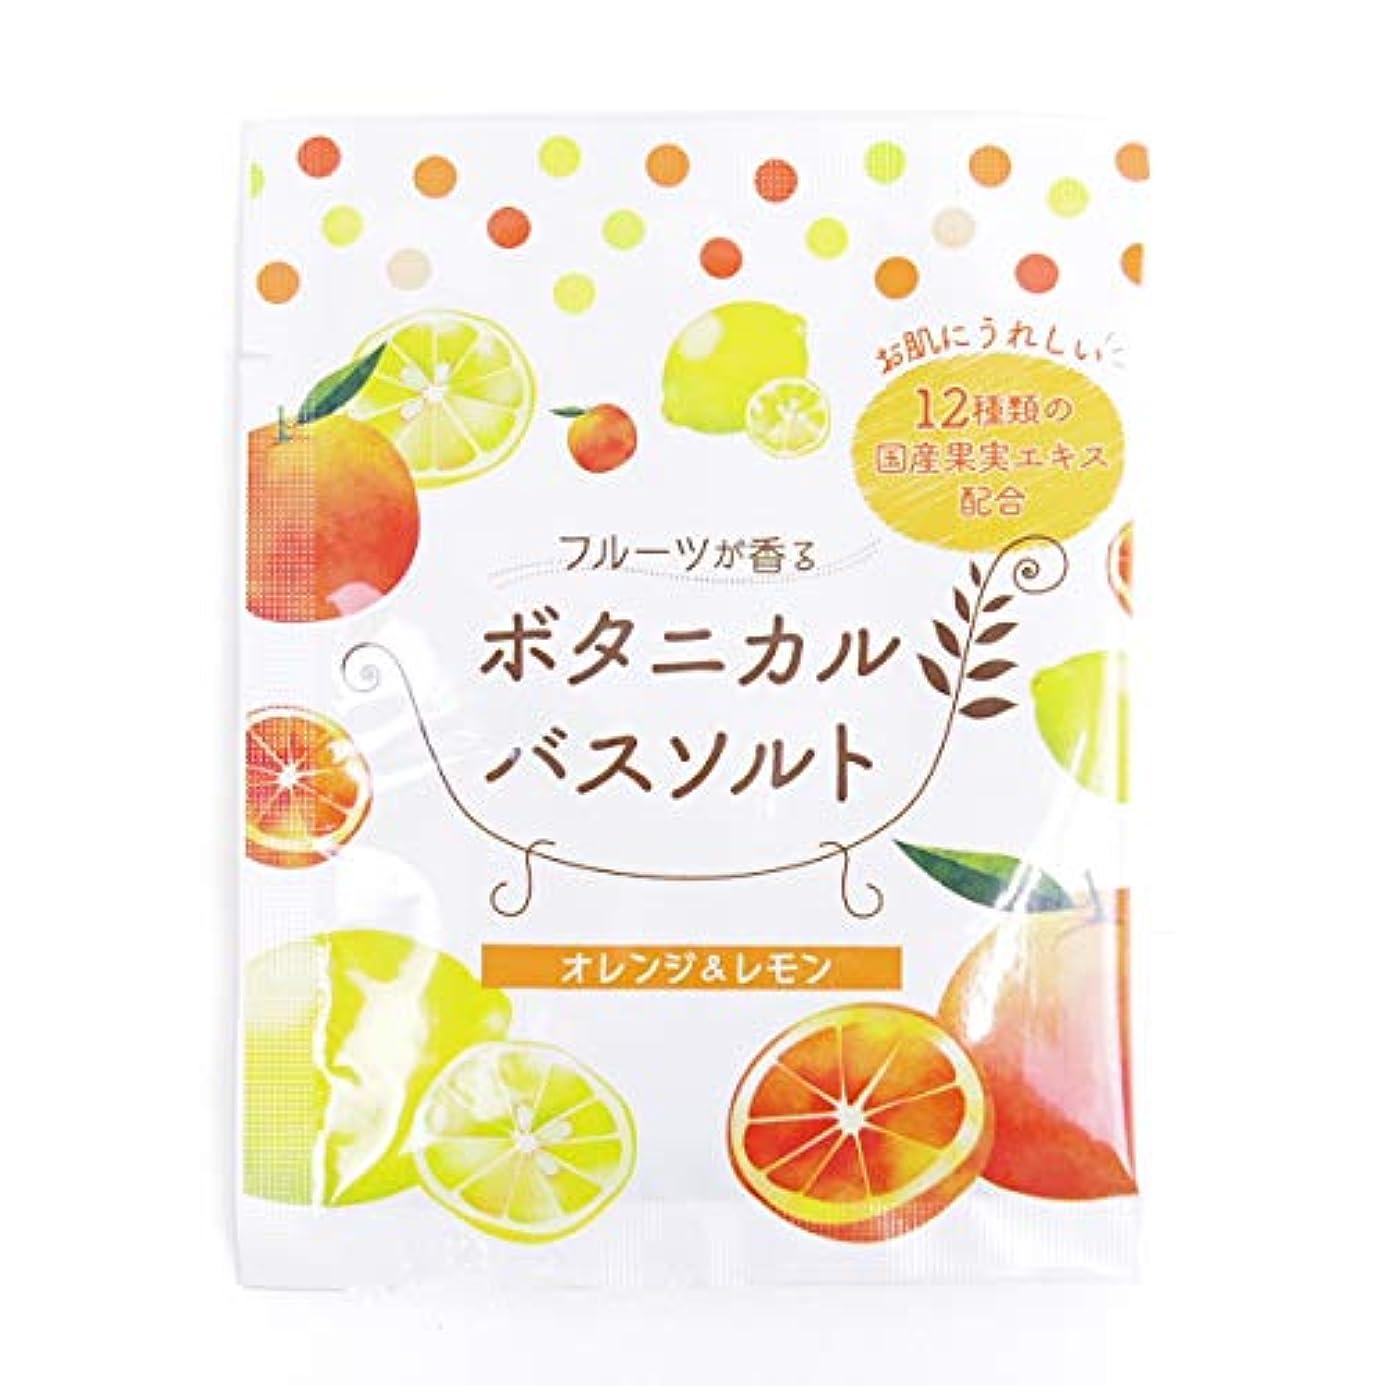 ブロンズバック口松田医薬品 フルーツが香るボタニカルバスソルト オレンジ&レモン 30g